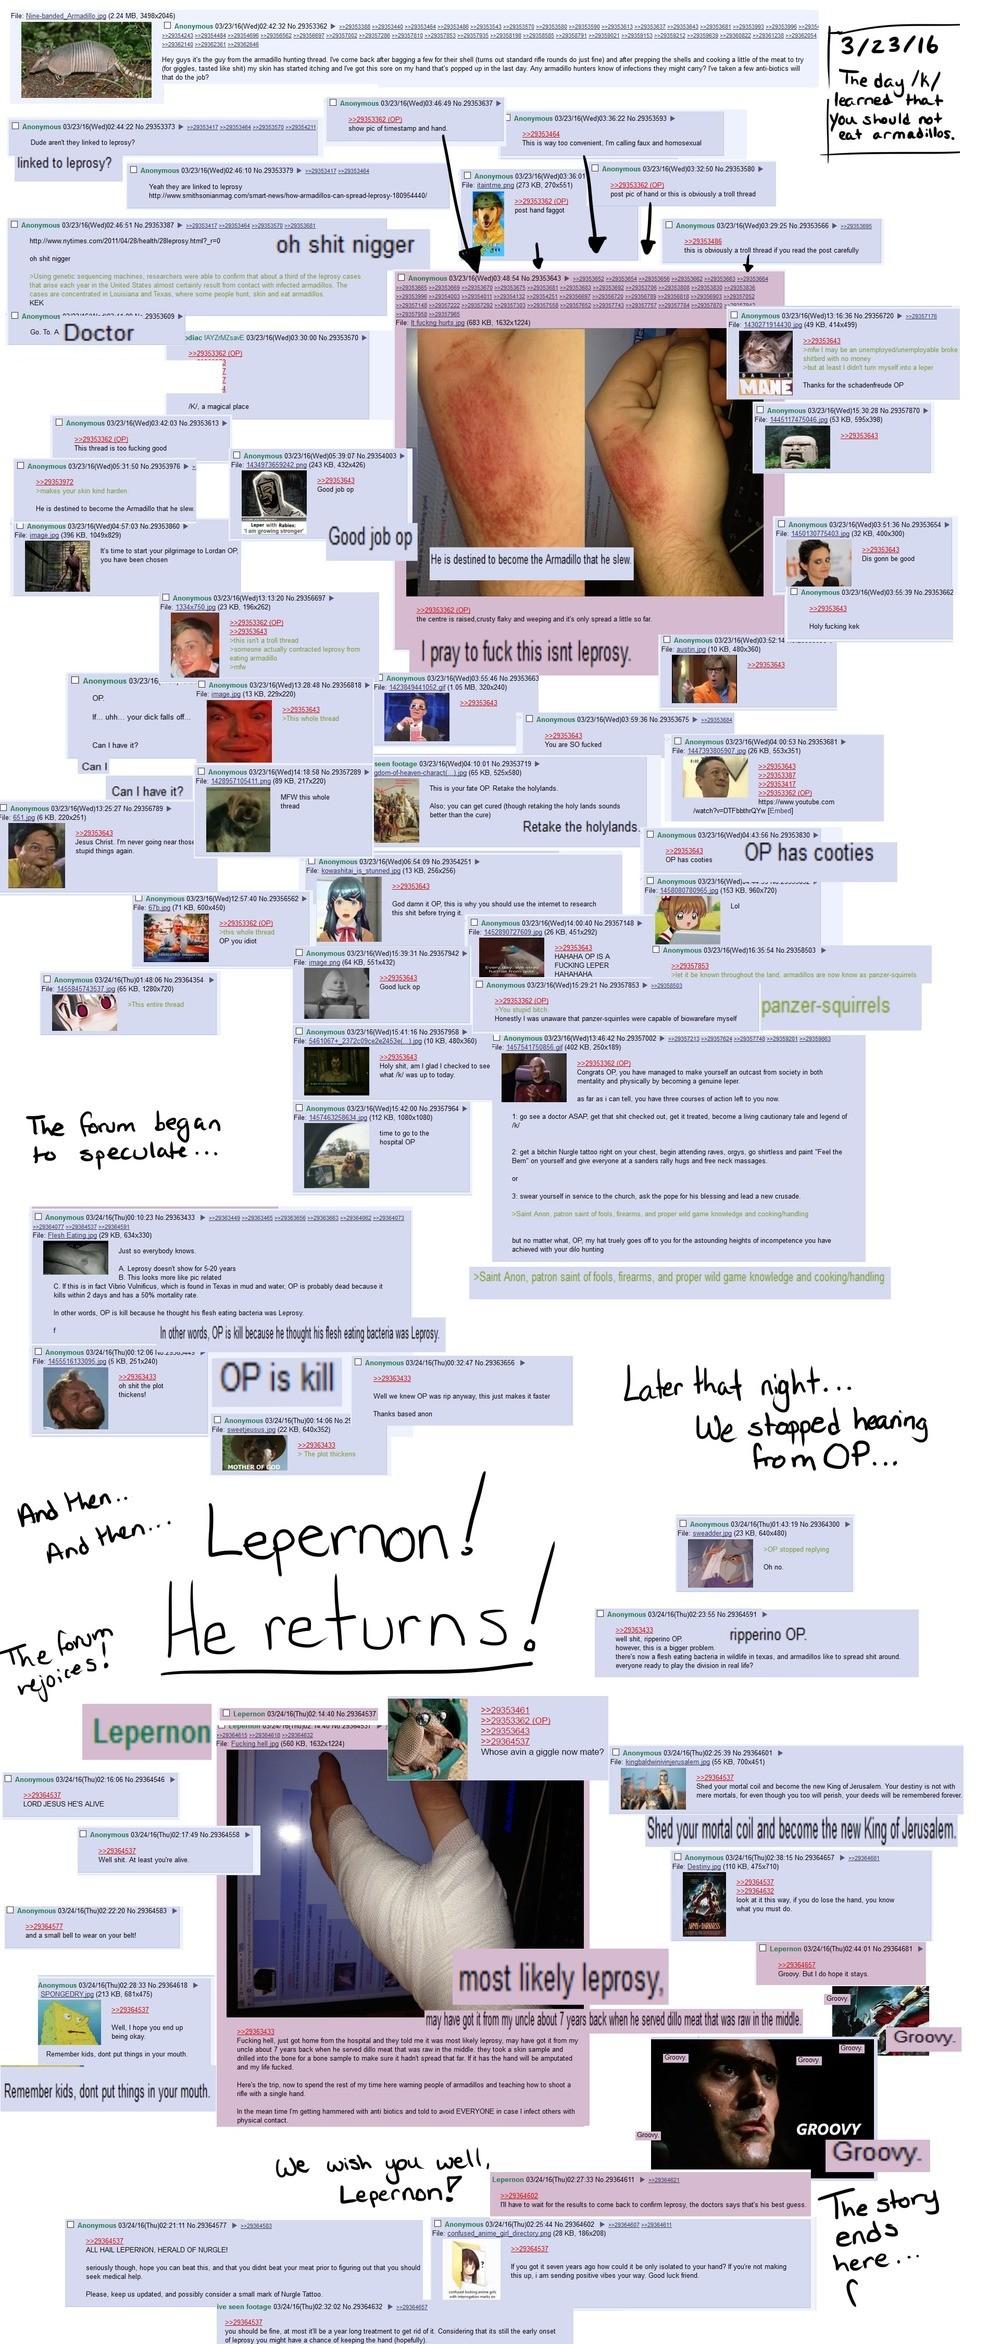 4chan vg